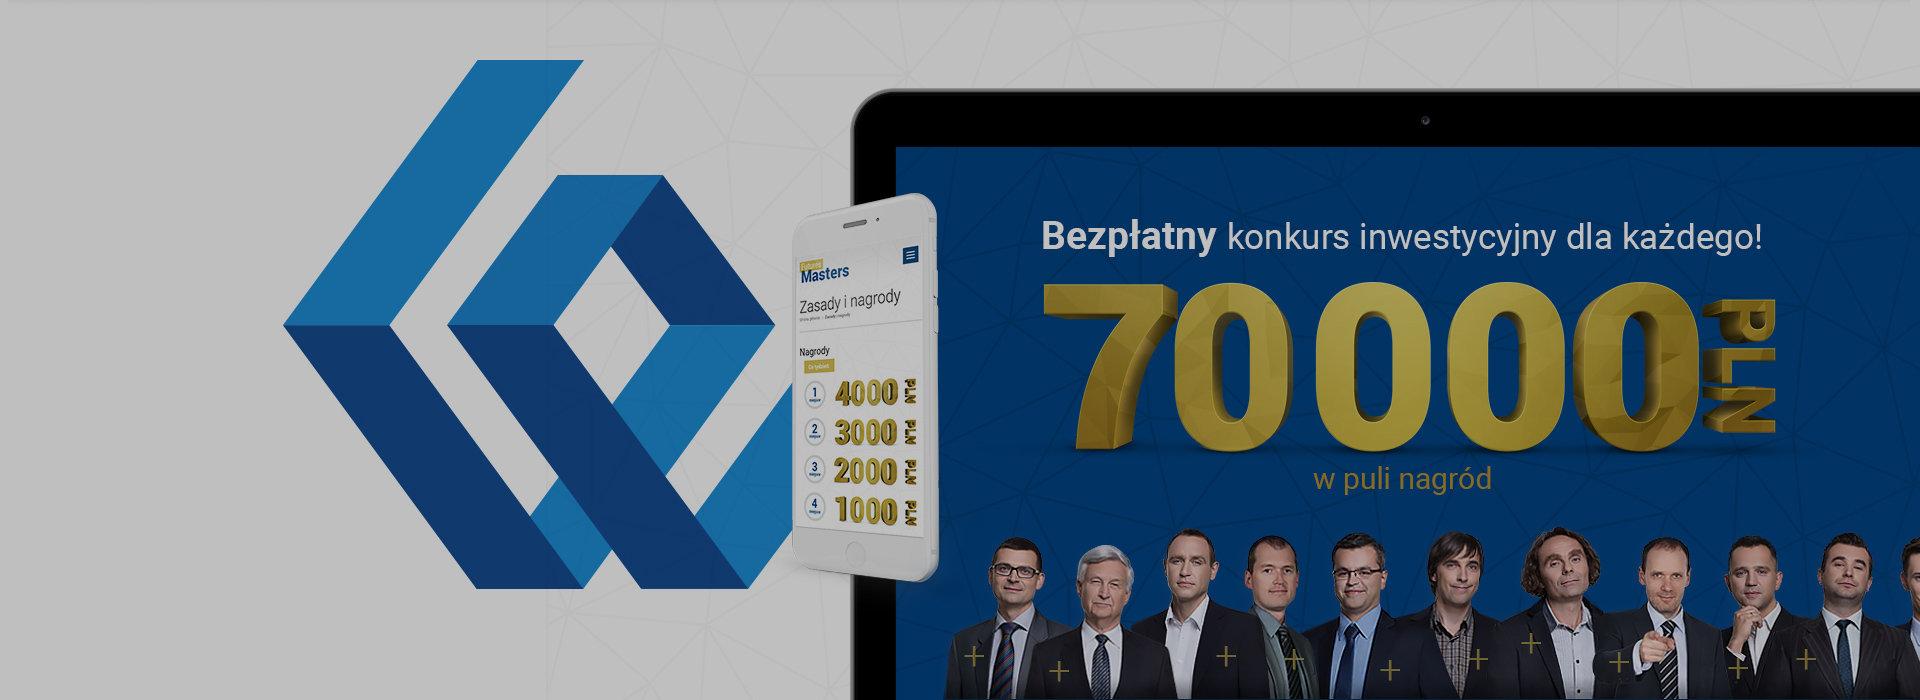 Giełda Papierów Wartościowych - ogólnopolska kampania i konkurs dla inwestorów.